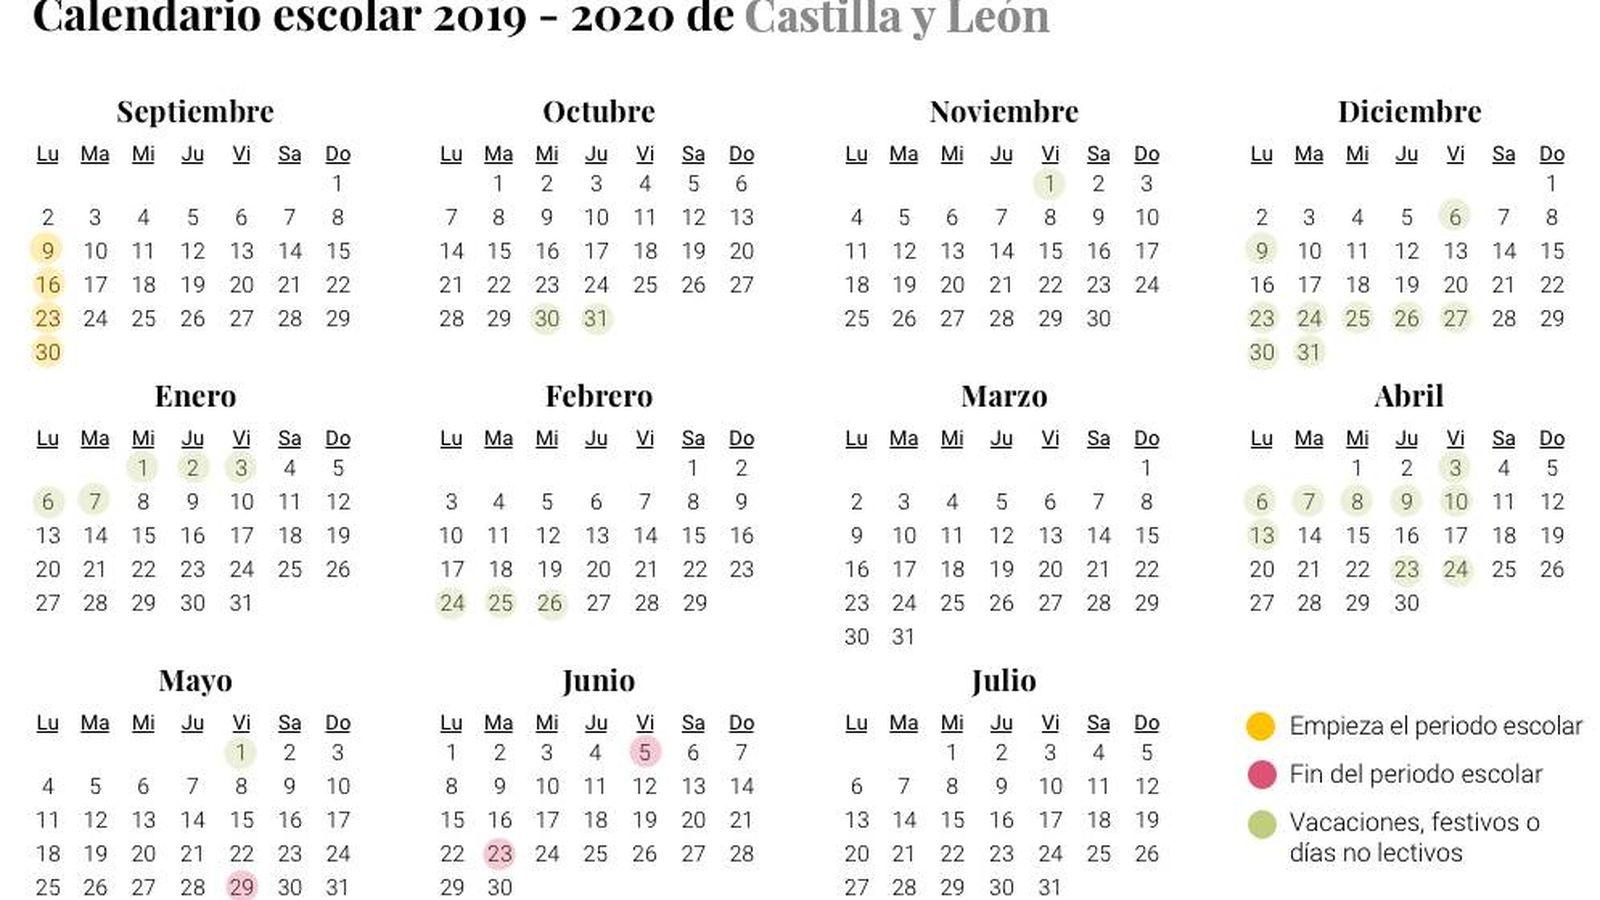 Calendario Escolar 2019 2020 Para Castilla Y León